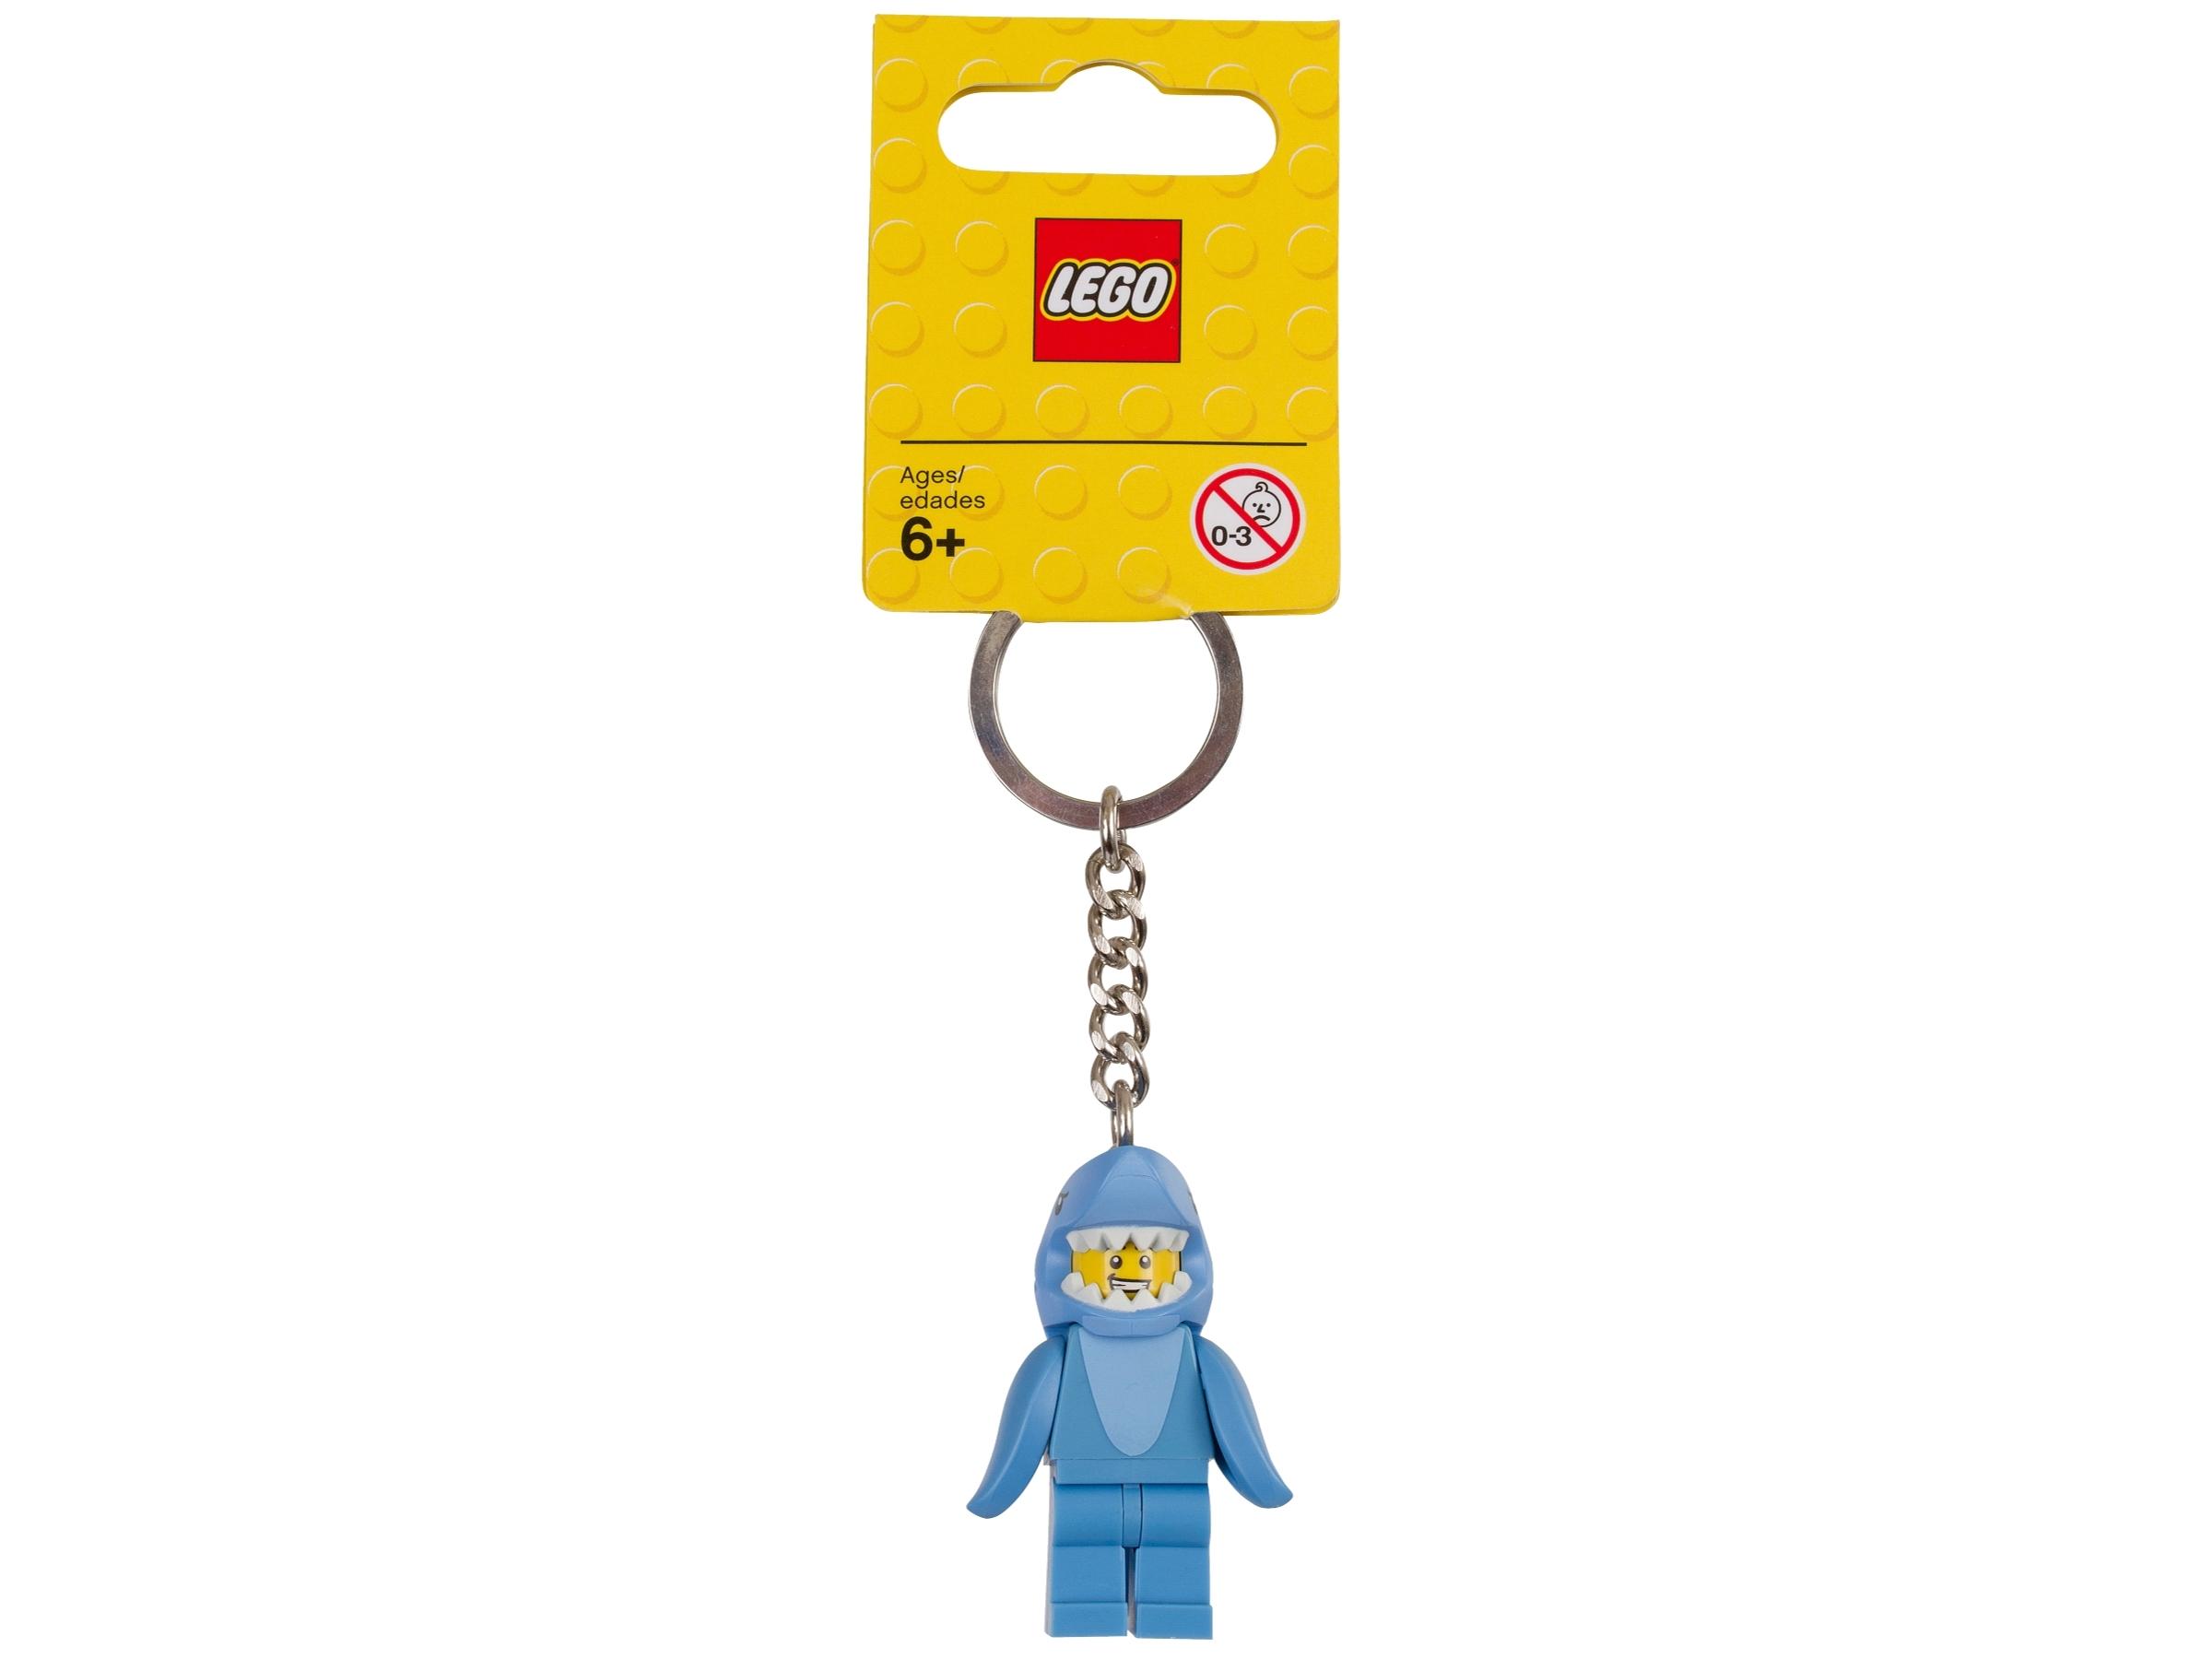 breloczek do kluczy lego 853666 z czlowiekiem w stroju rekina